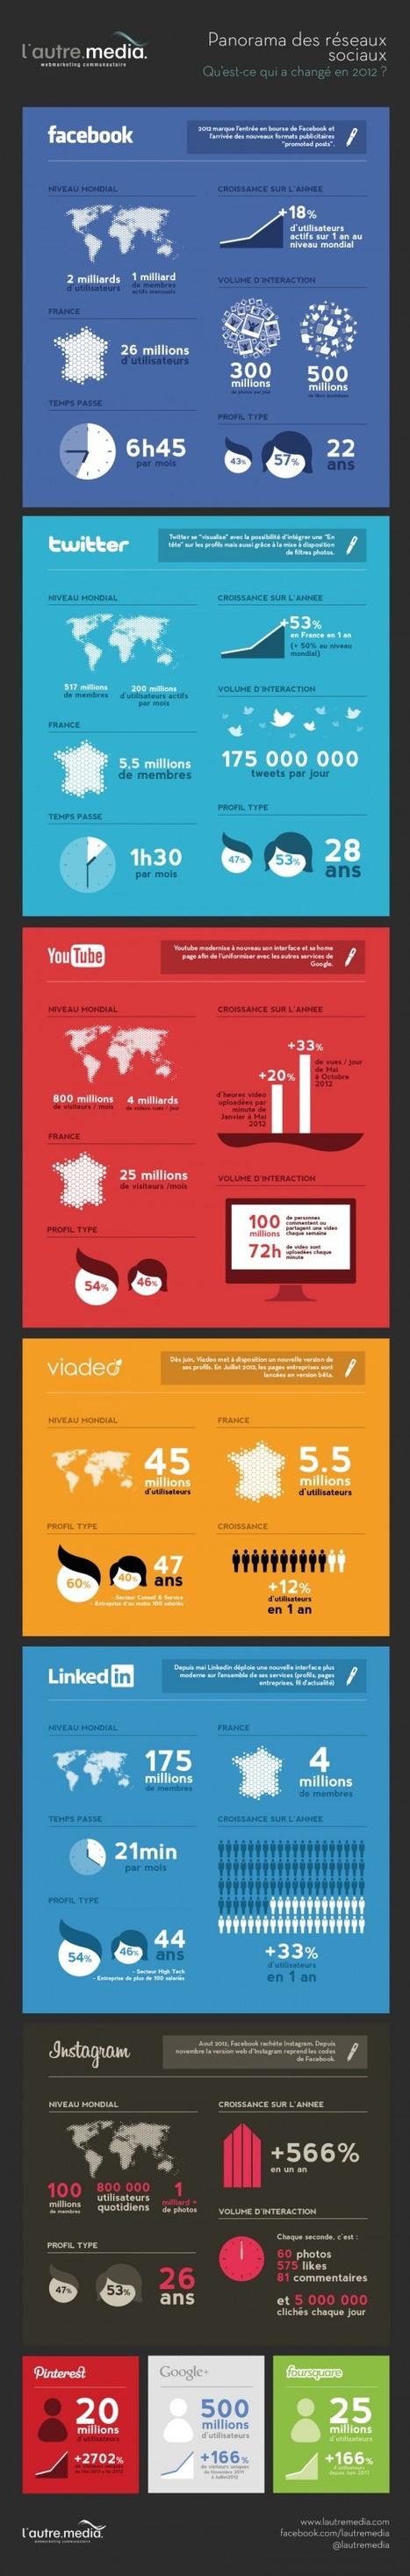 [Infographie] Panorama des réseaux sociaux en France et dans le monde | E-Réputation des marques et des personnes : mode d'emploi | Scoop.it